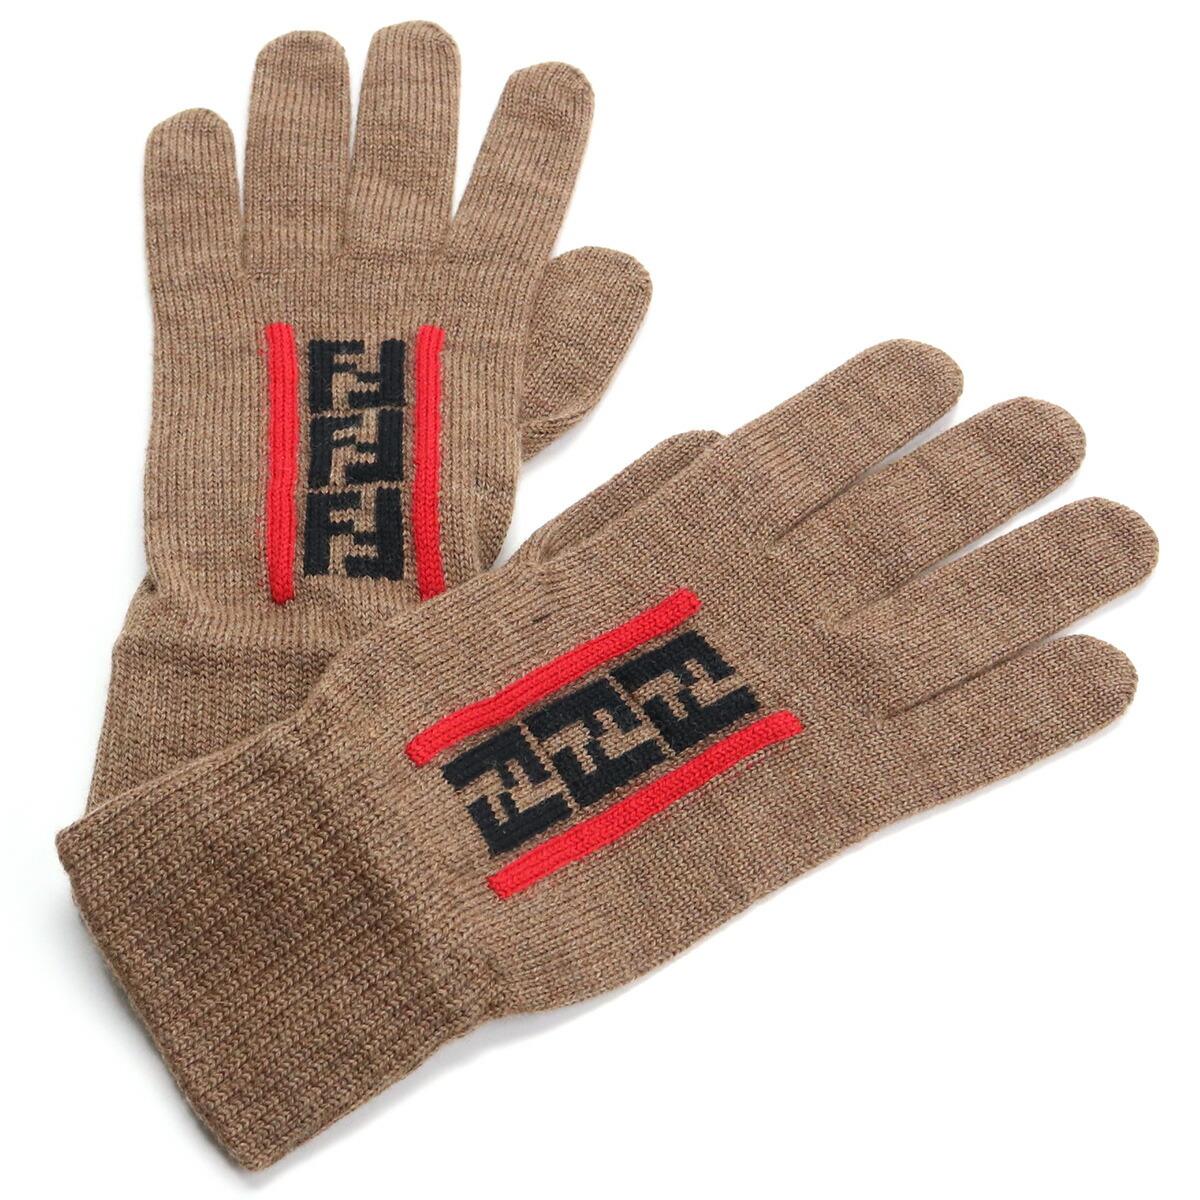 フェンディ FENDI メンズ-グローブ FFロゴ ウール FXY010 AA11 F19SE ブラウン系 bos-15 warm-03 glove-01 メンズ